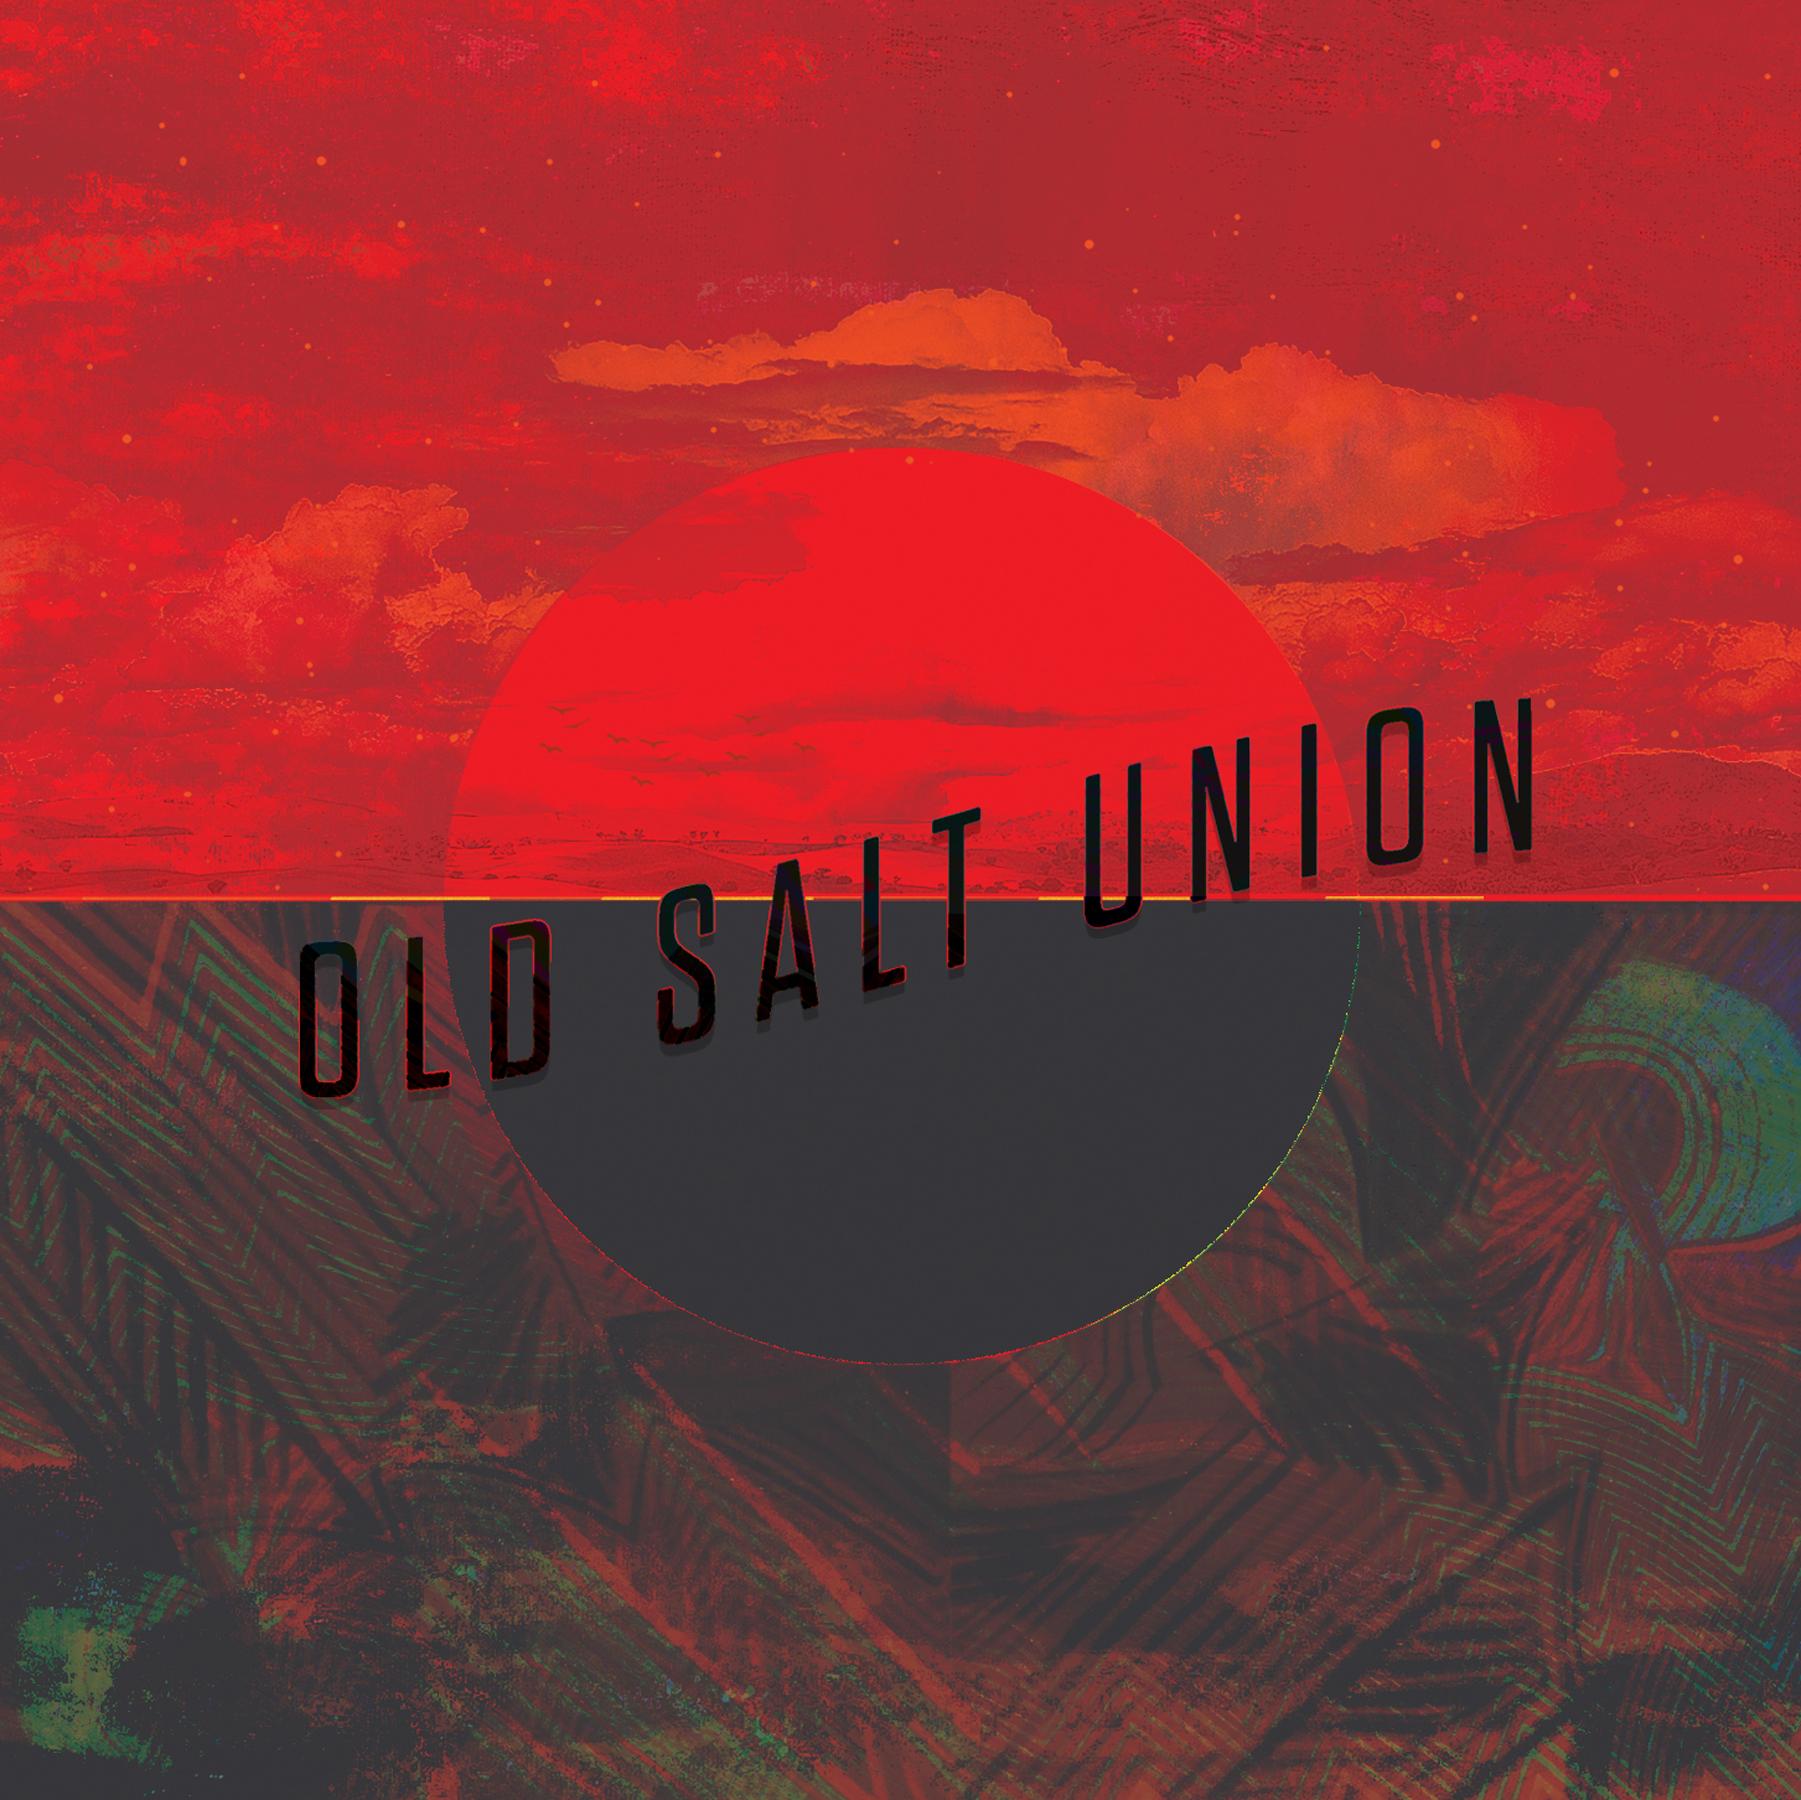 STREAM: Old Salt Union, 'Old Salt Union'